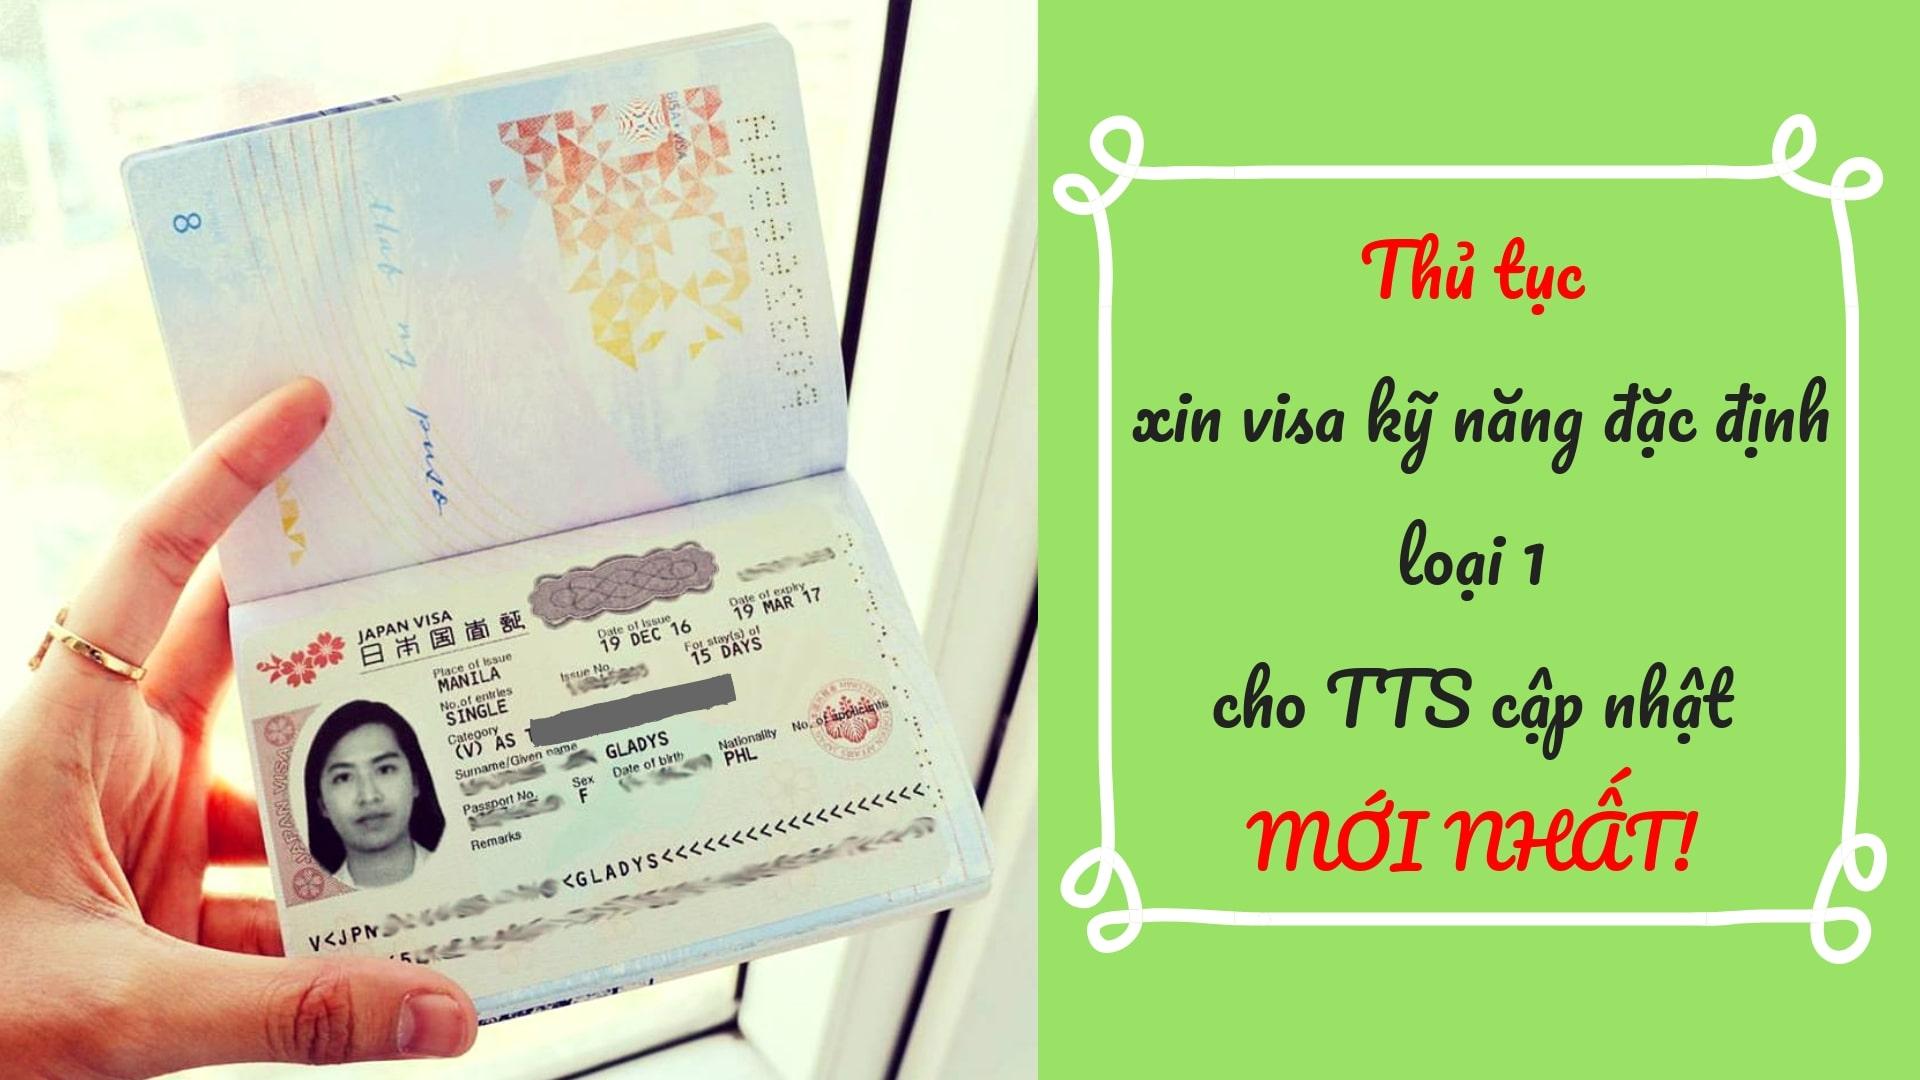 Đối tượng nào PHẢI THI và KHÔNG PHẢI THI lấy visa kỹ năng đặc định